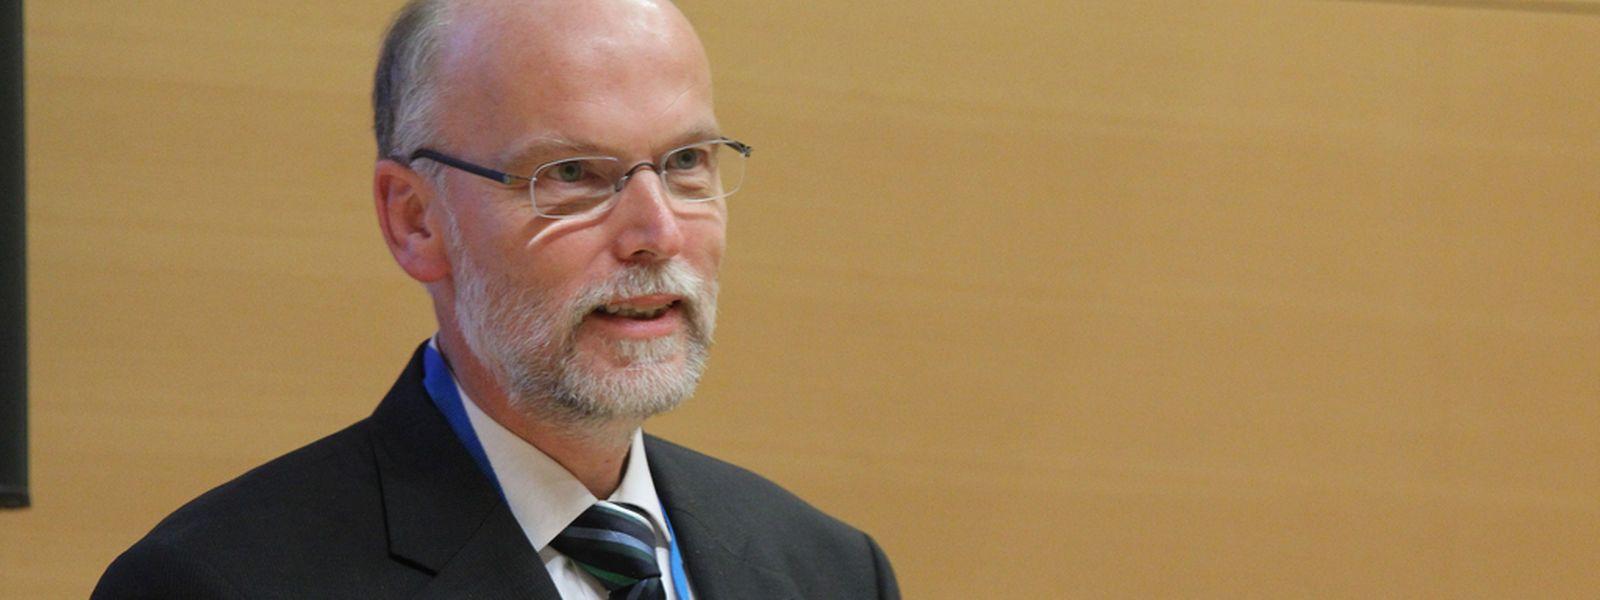 Der Dr. Dr. Birger Kollmeier referierte vor den hohen Gästen.